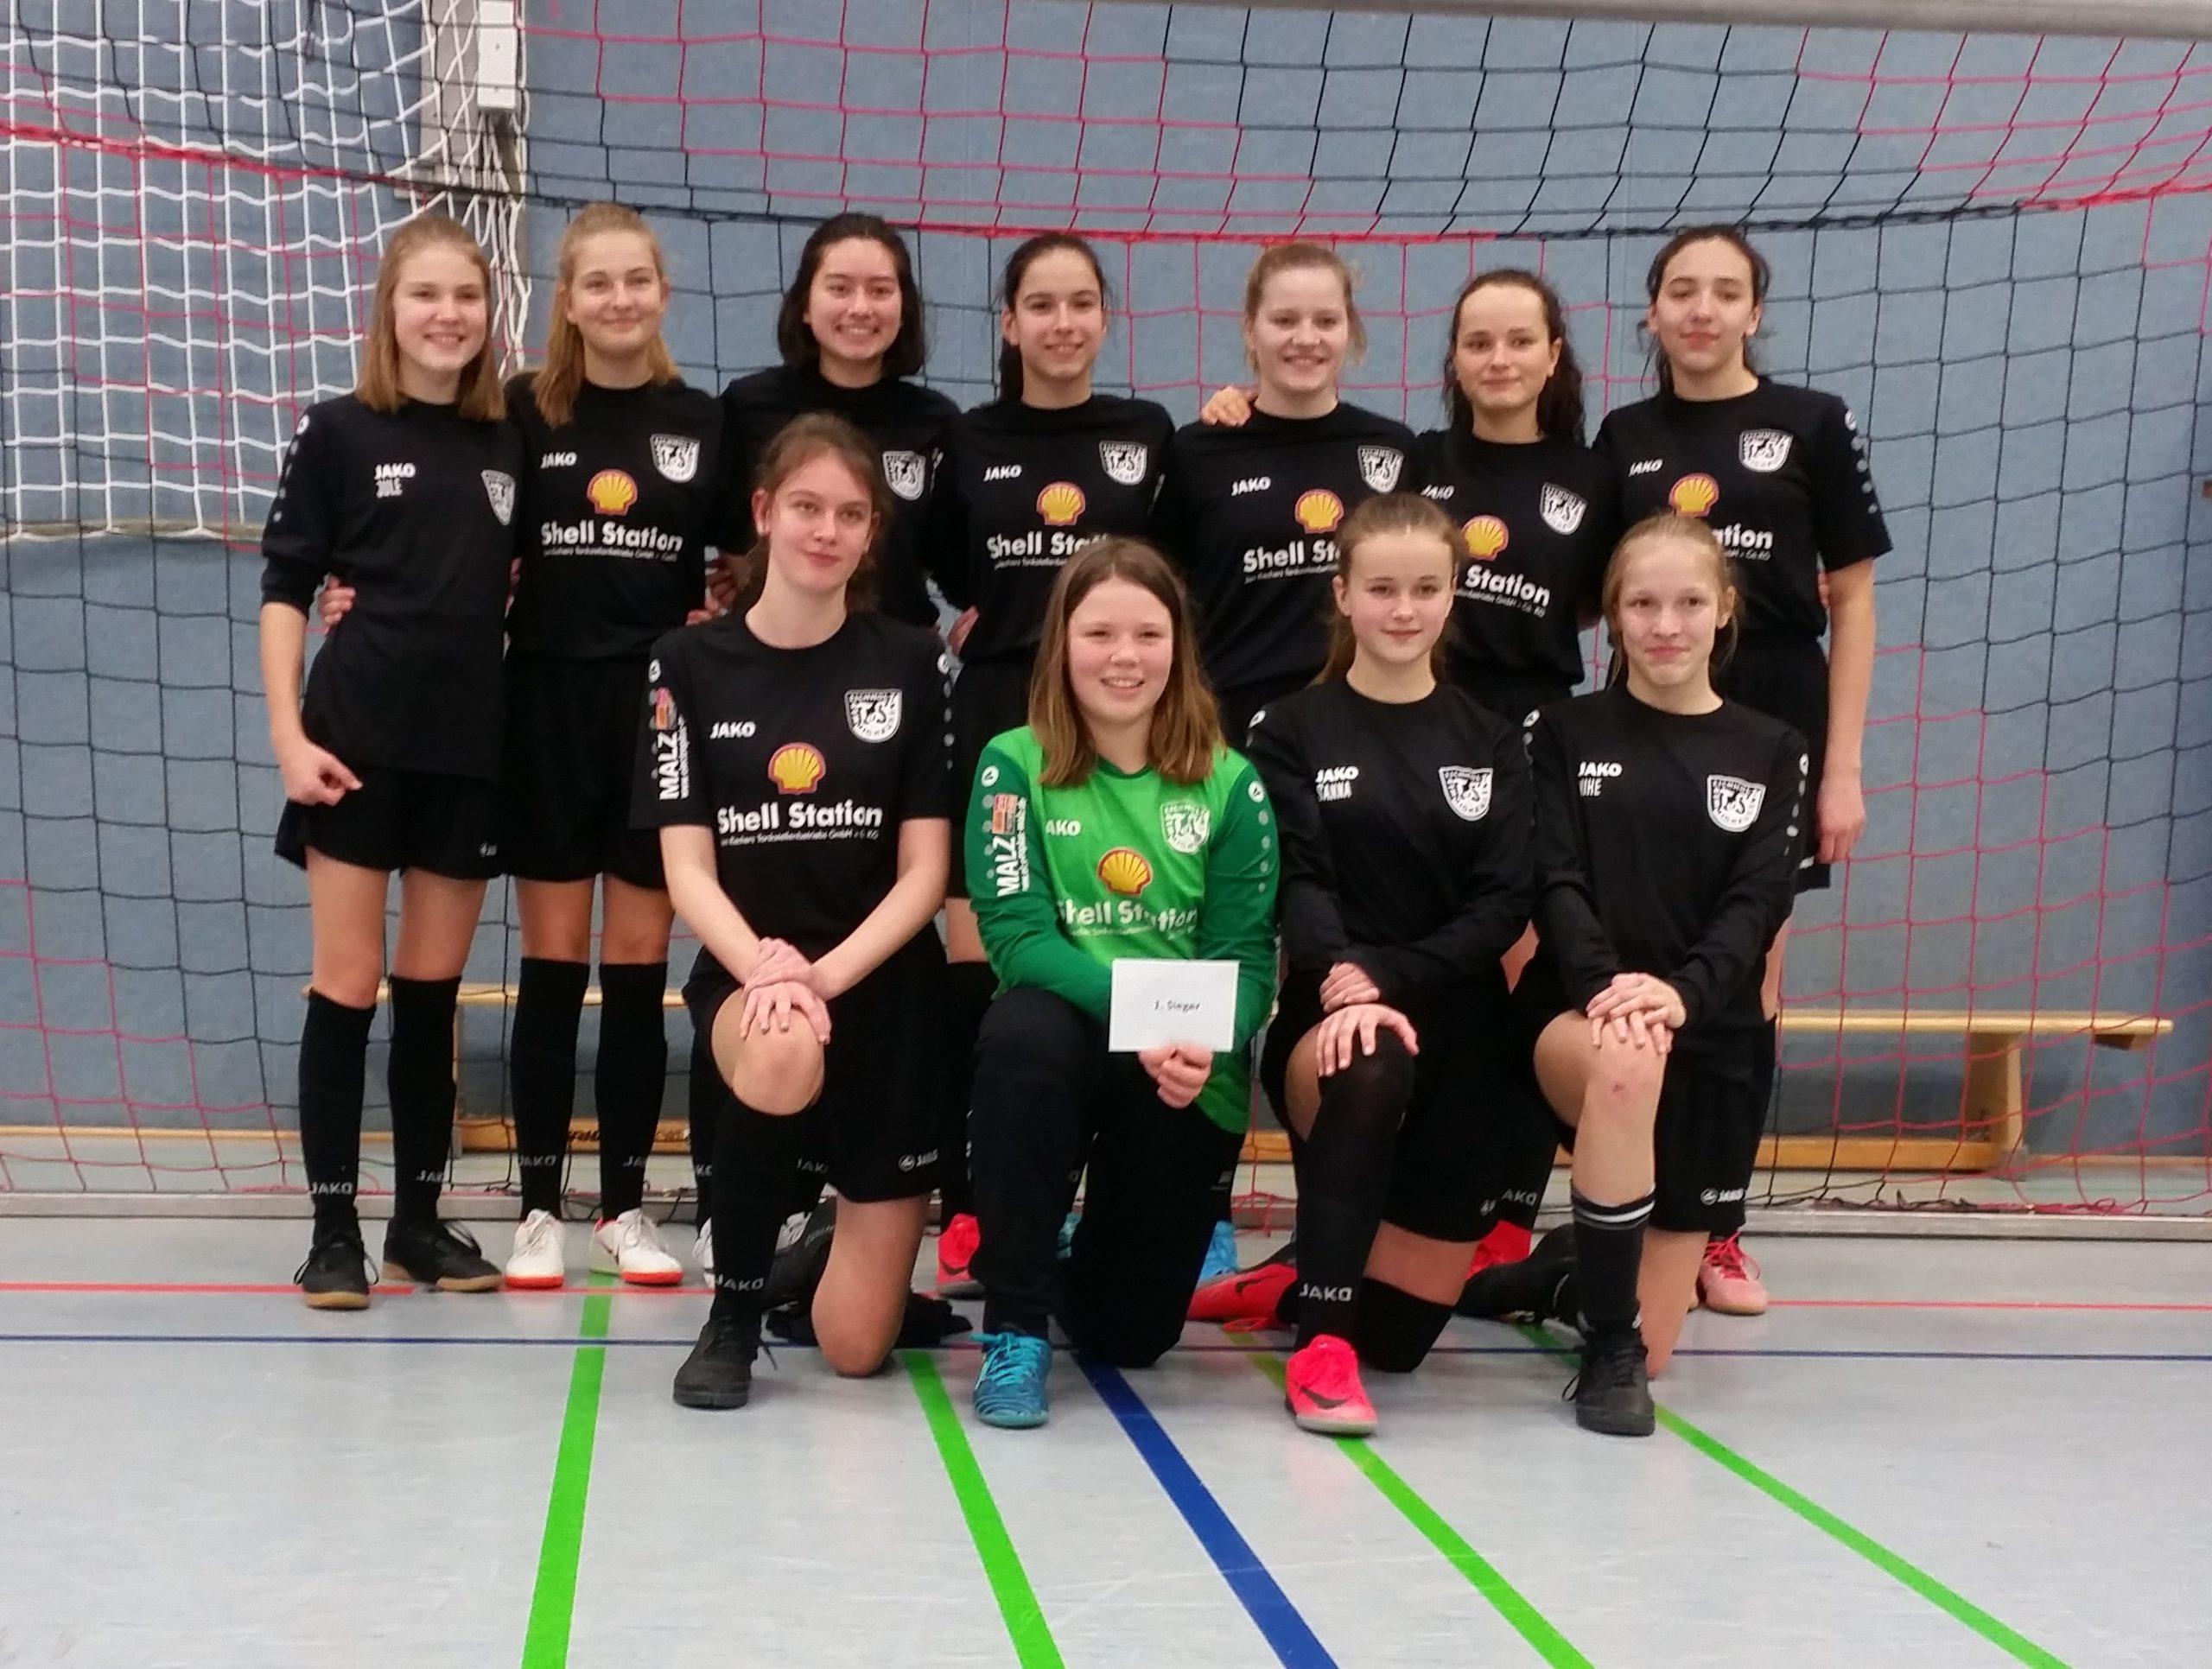 Eichholz-Remmighausen gewinnt B-Juniorinnen-Turnier